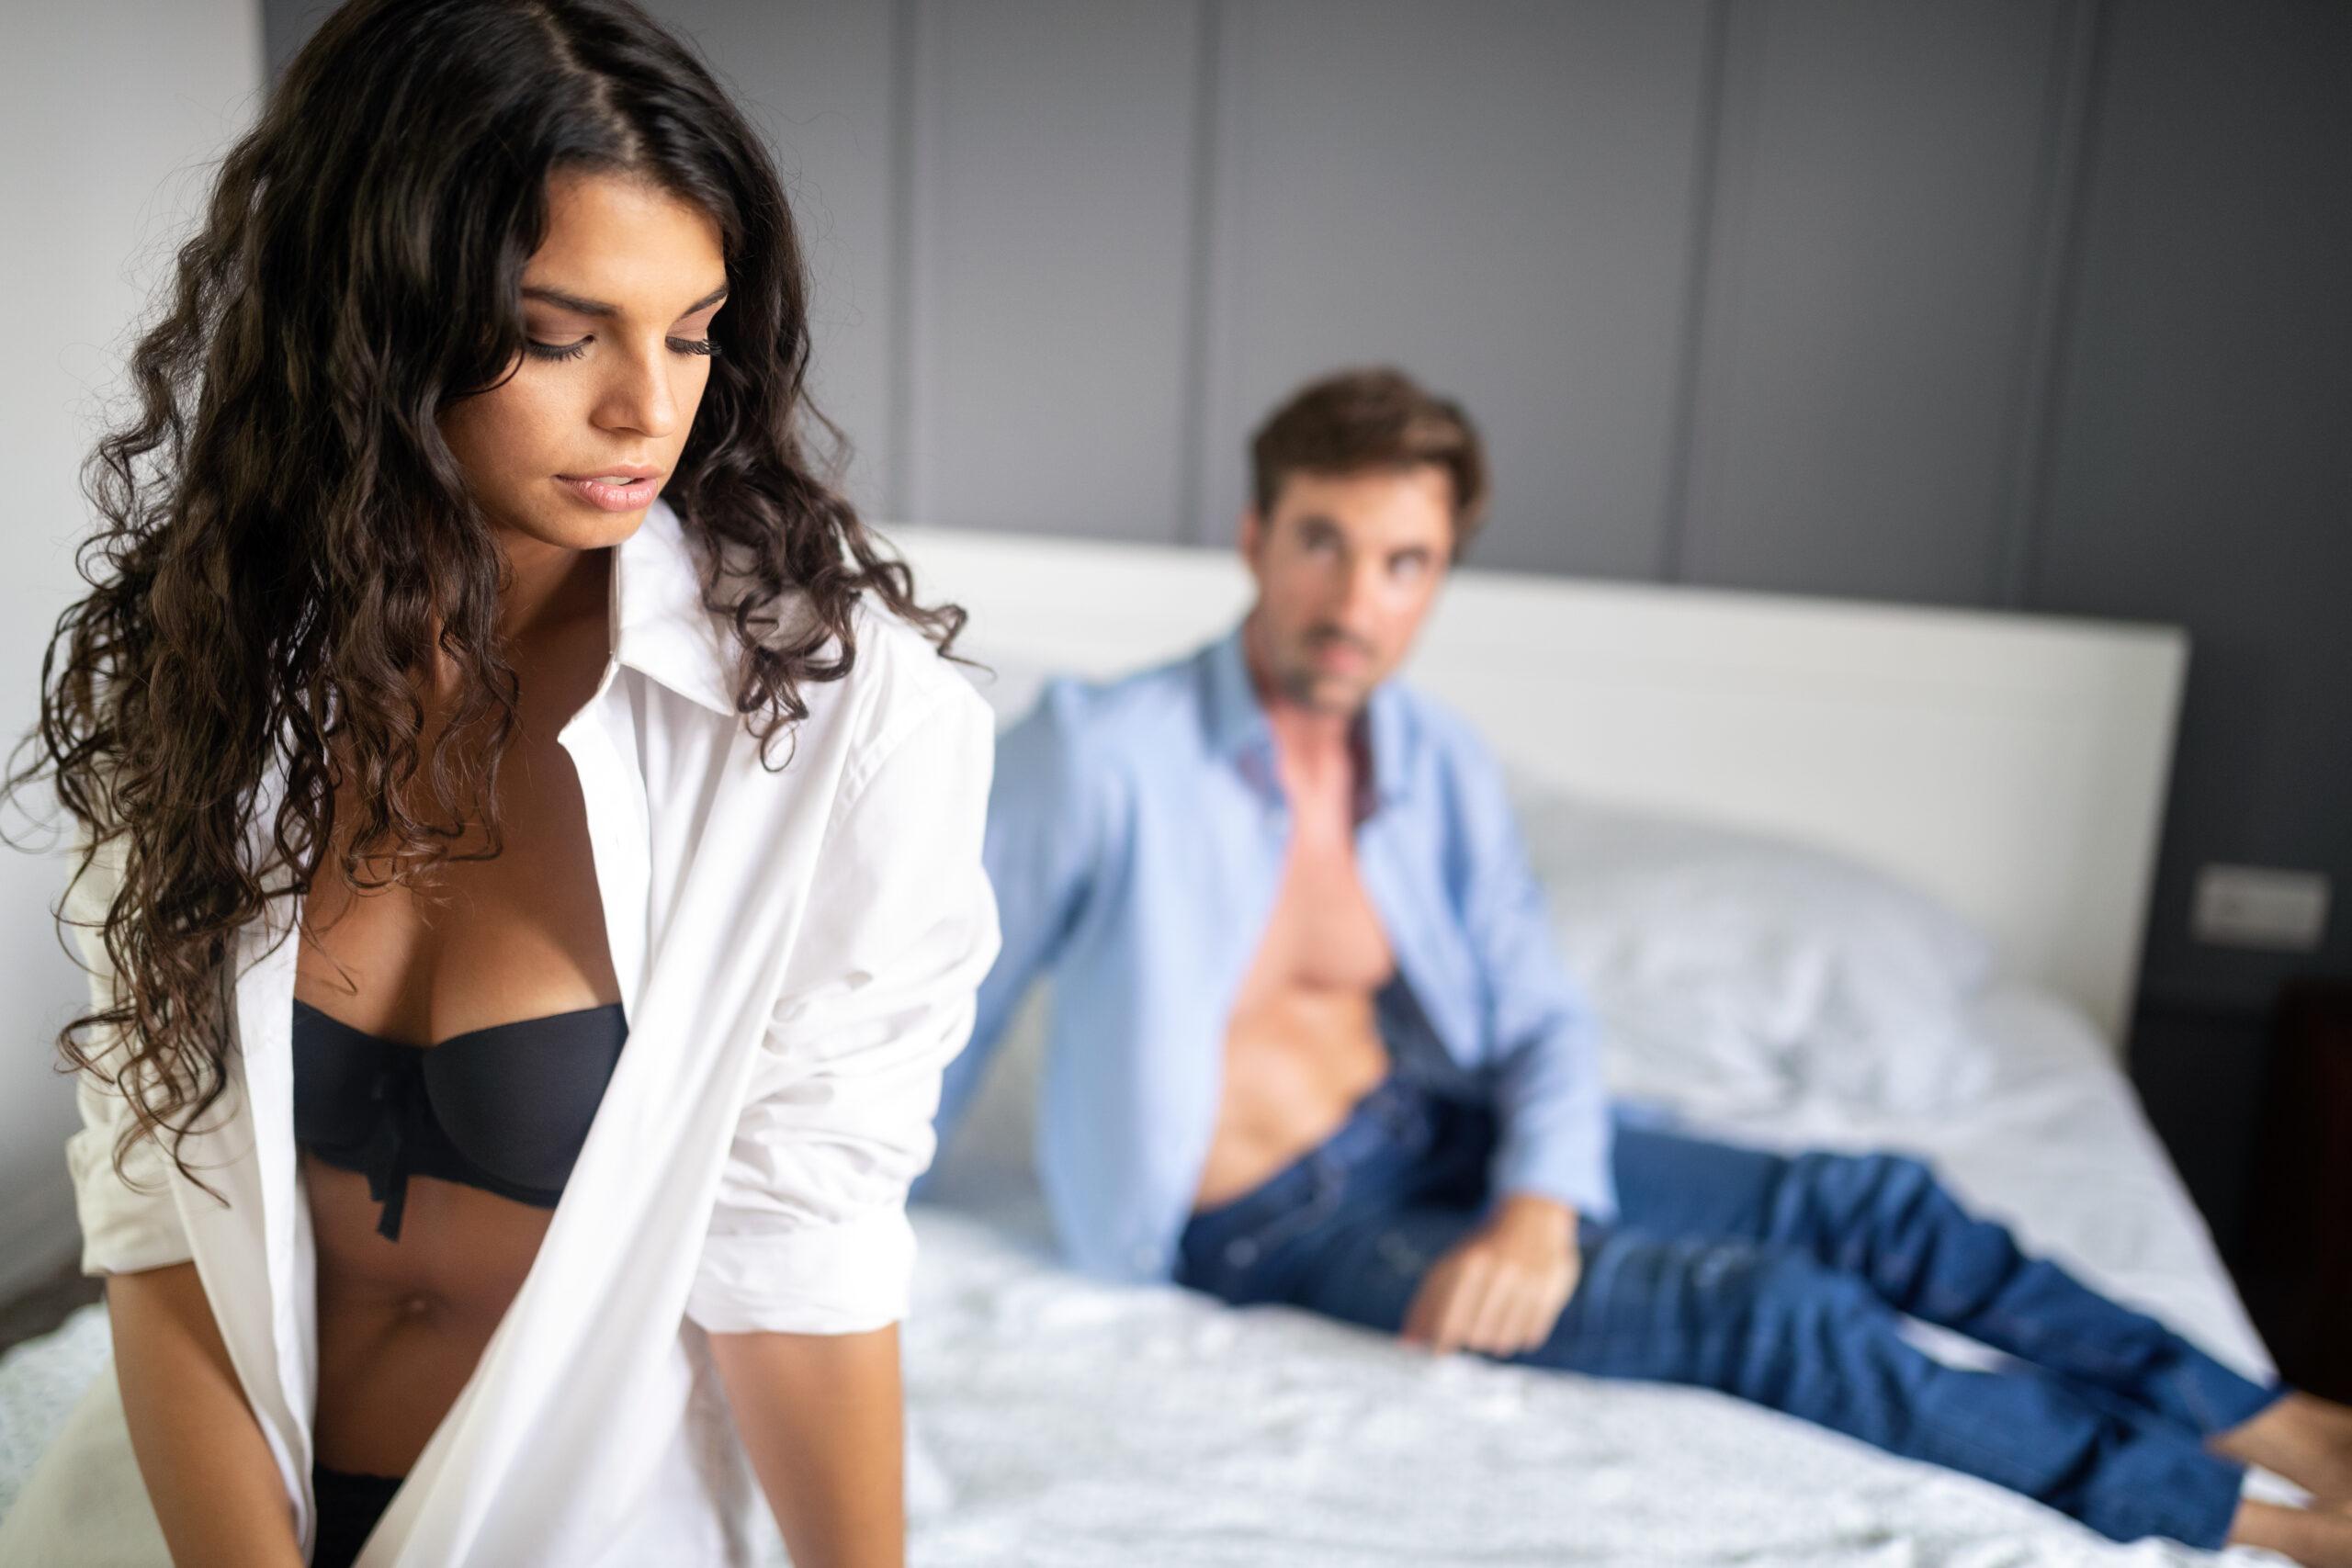 Σεξ ερωτική διάθεση: Πώς θα ανακτήσουμε την ερωτική μας δραστηριότητα